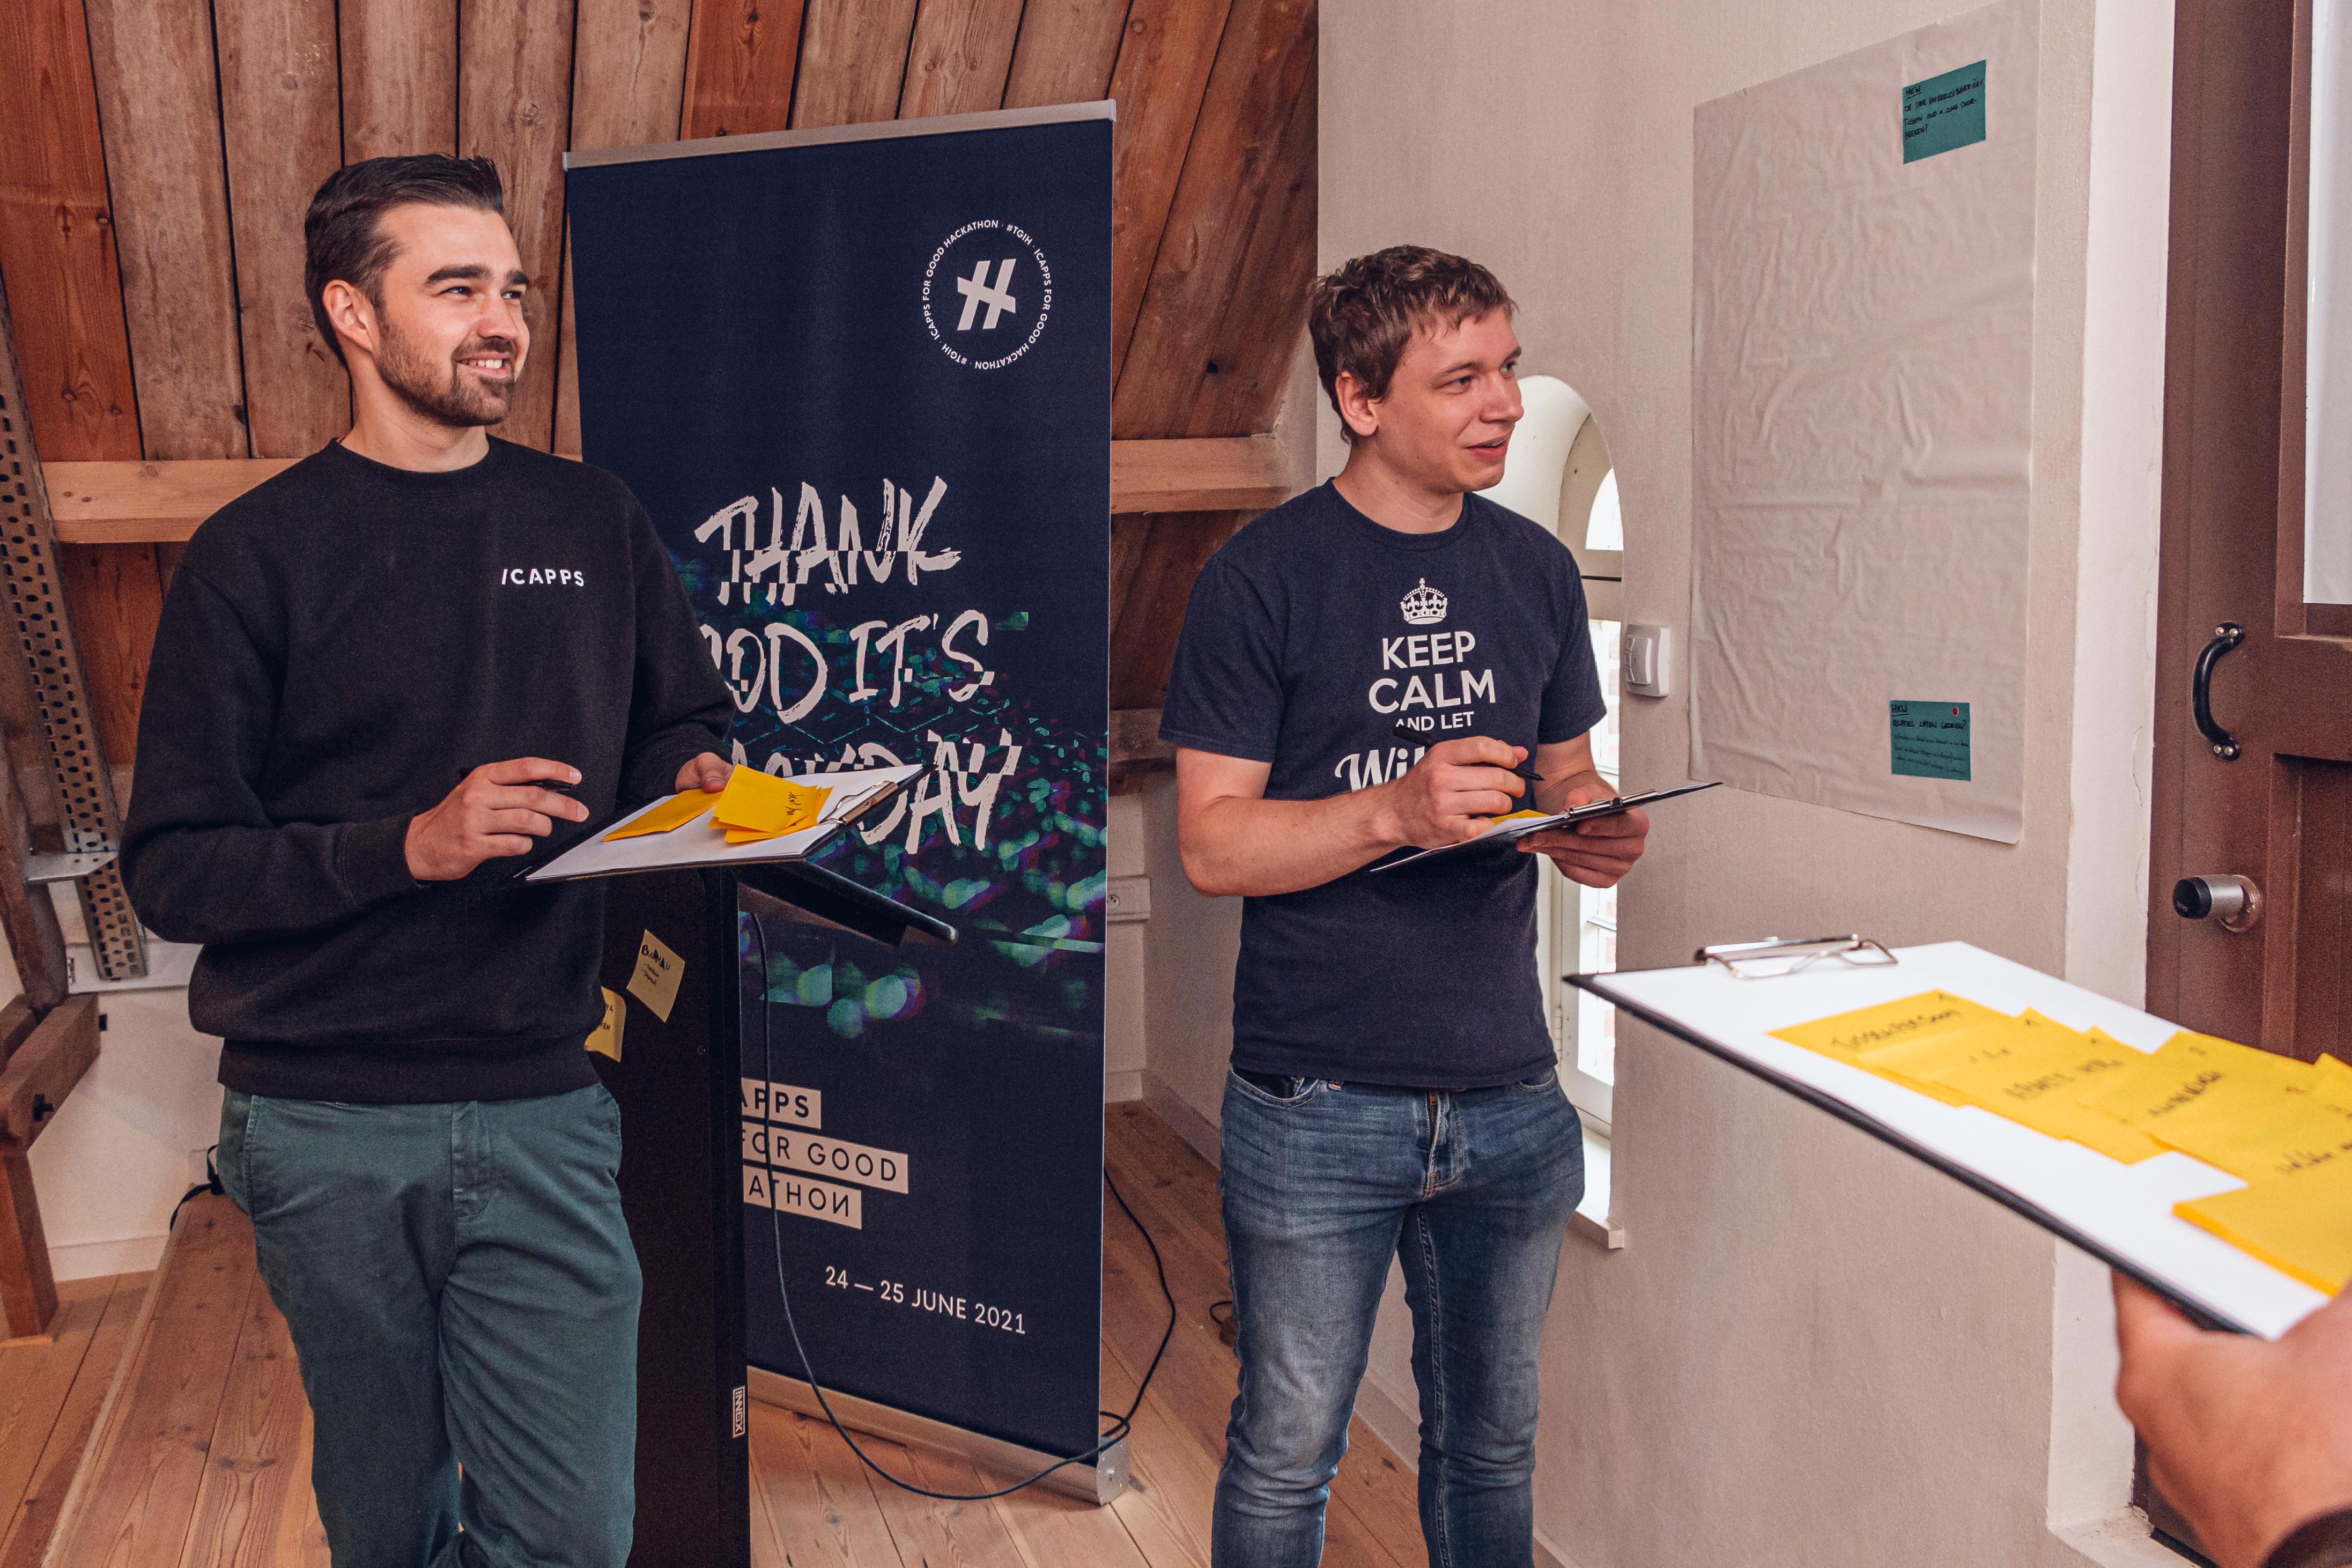 brainstorm Hackathon for good